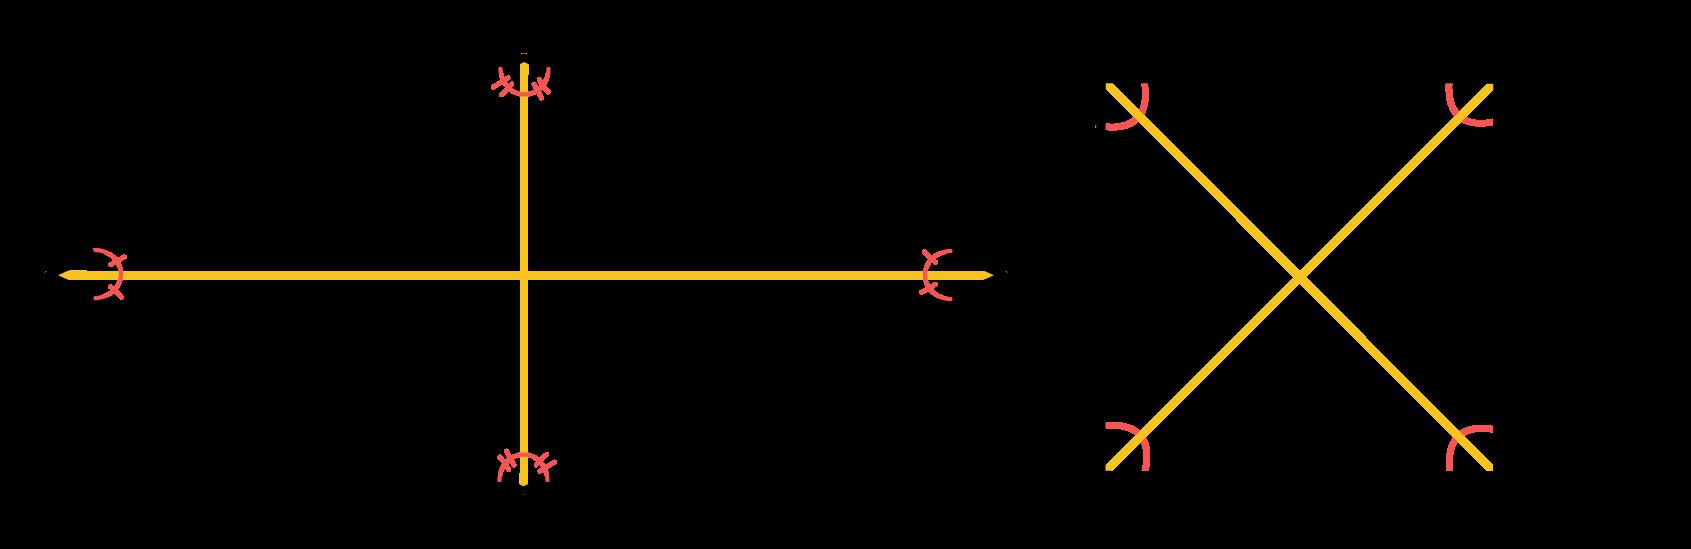 diagonais do quadrado dividem seus ângulos internos gerando 8 ângulos de 45 graus